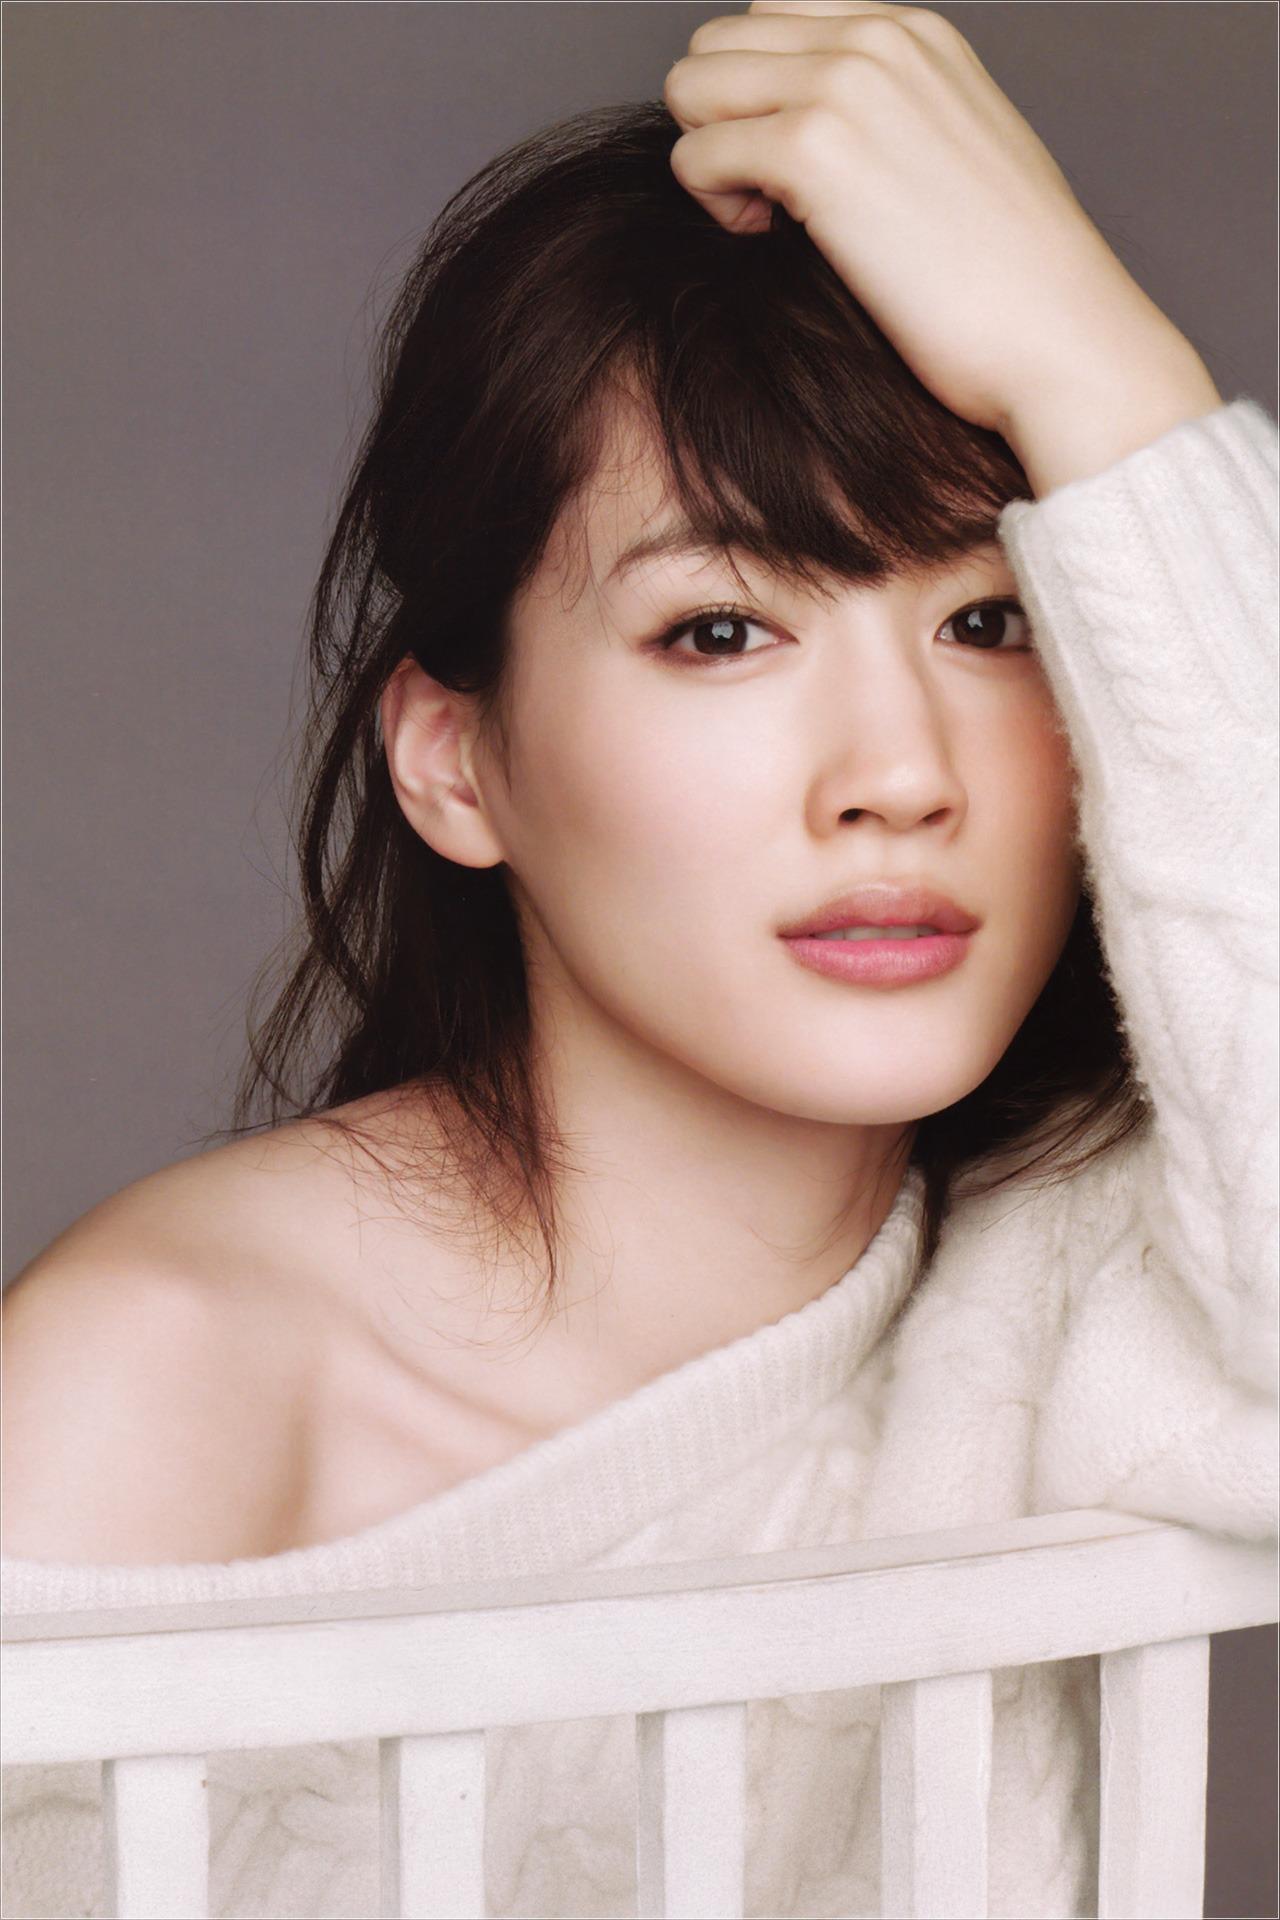 【画像あり】綾瀬はるかの素敵なファッションをまとめてみた!のサムネイル画像